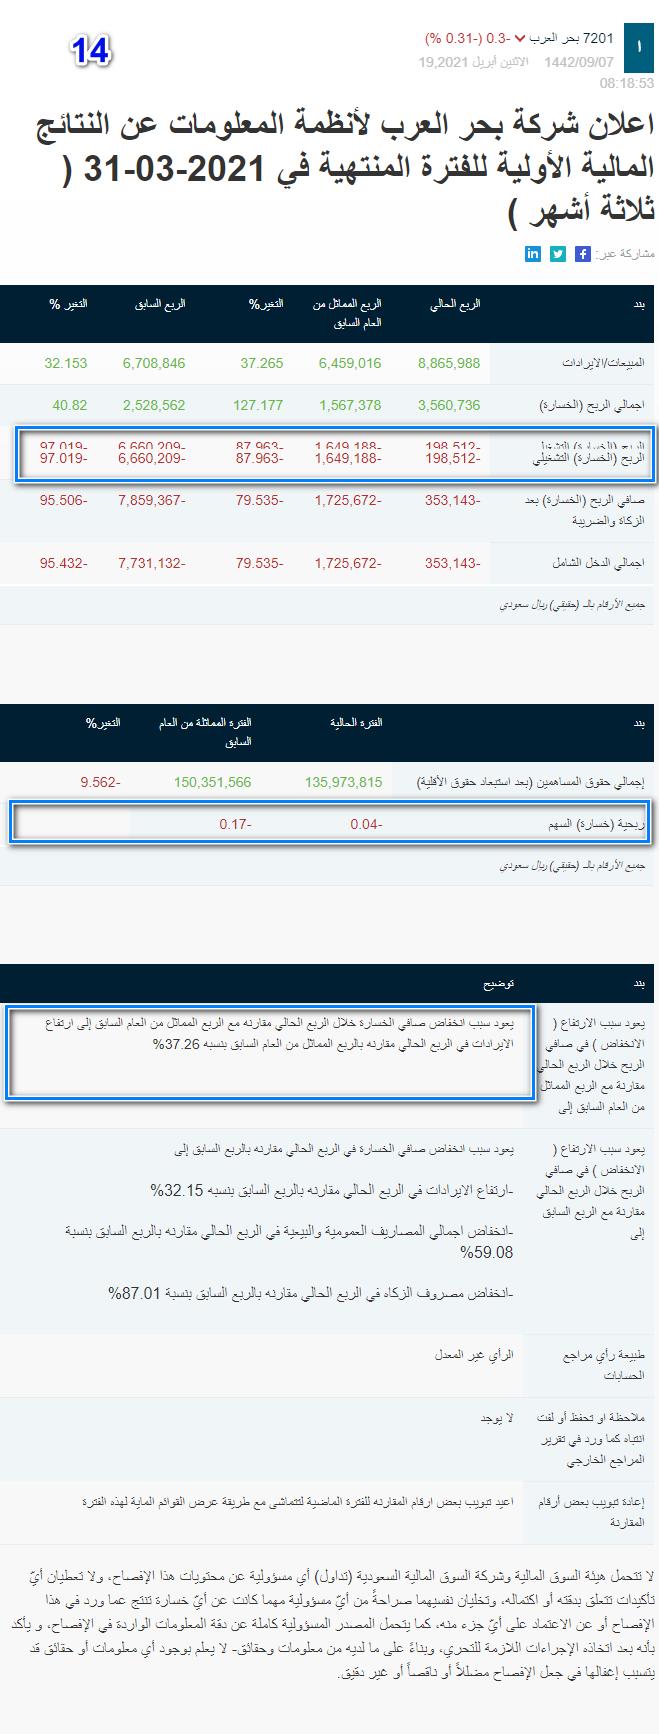 رد: فترة اعلانات النتائج المالية الربعية والسنوية لعام 21